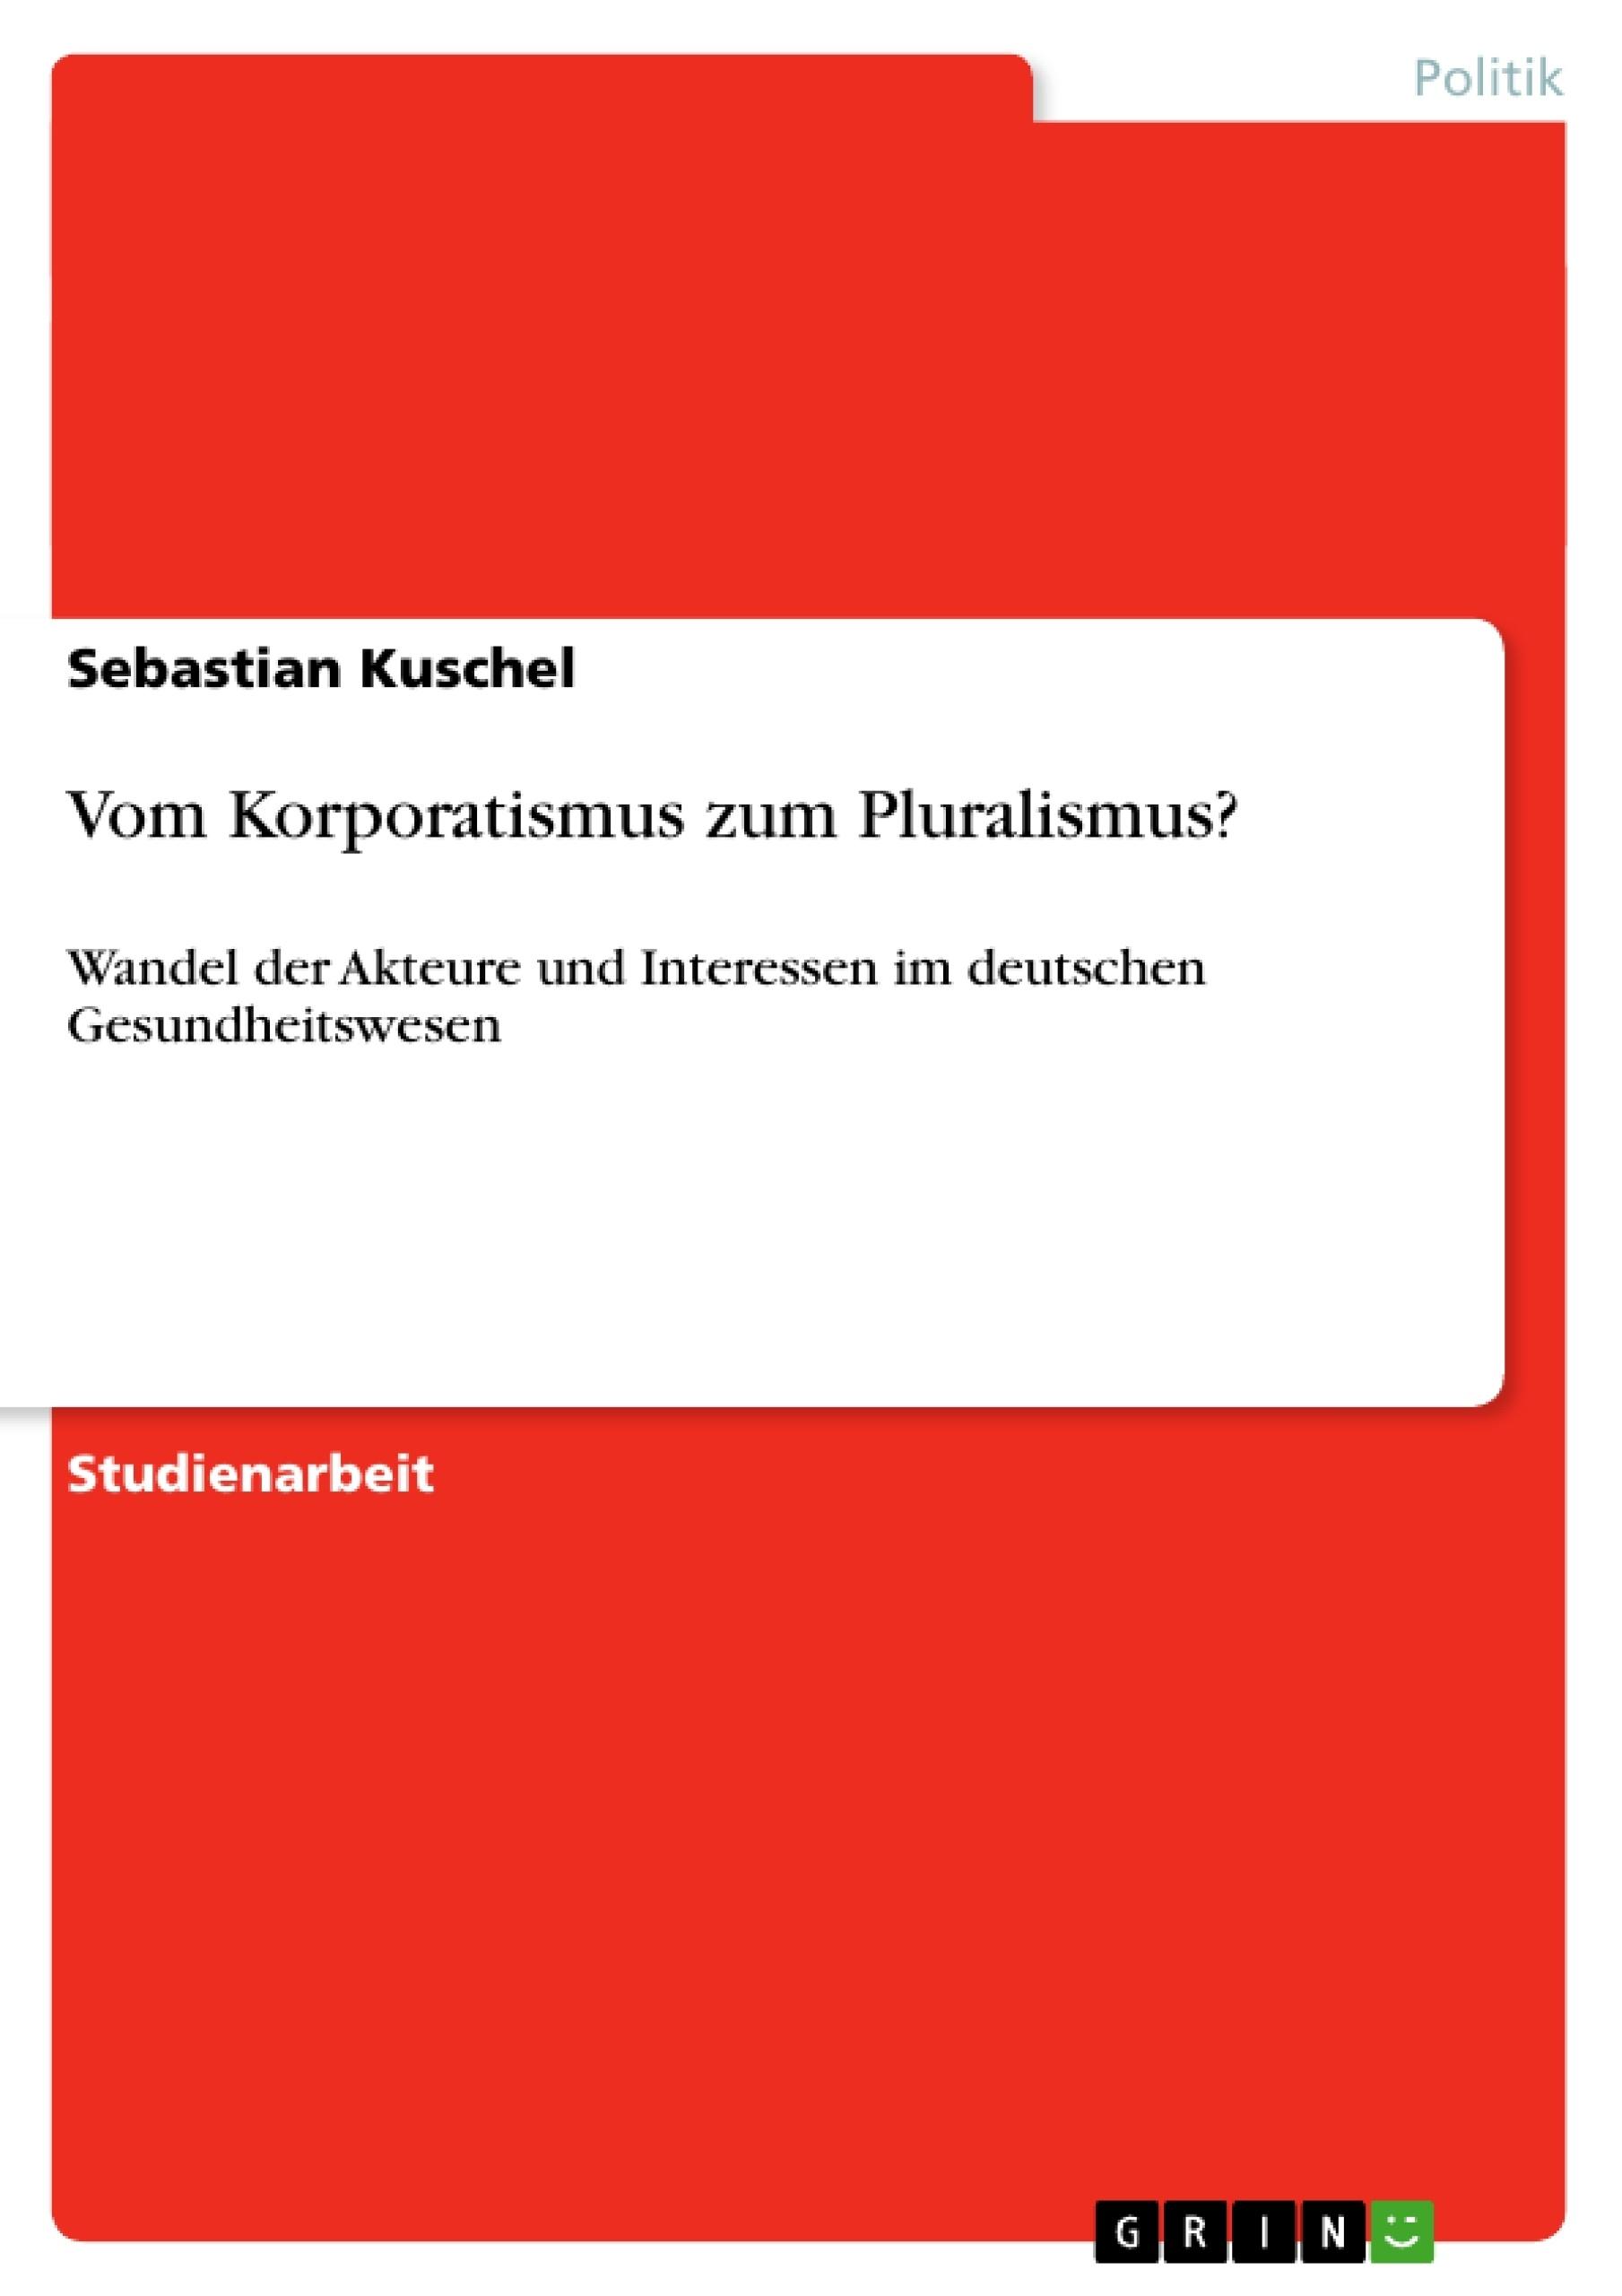 Titel: Vom Korporatismus zum Pluralismus?